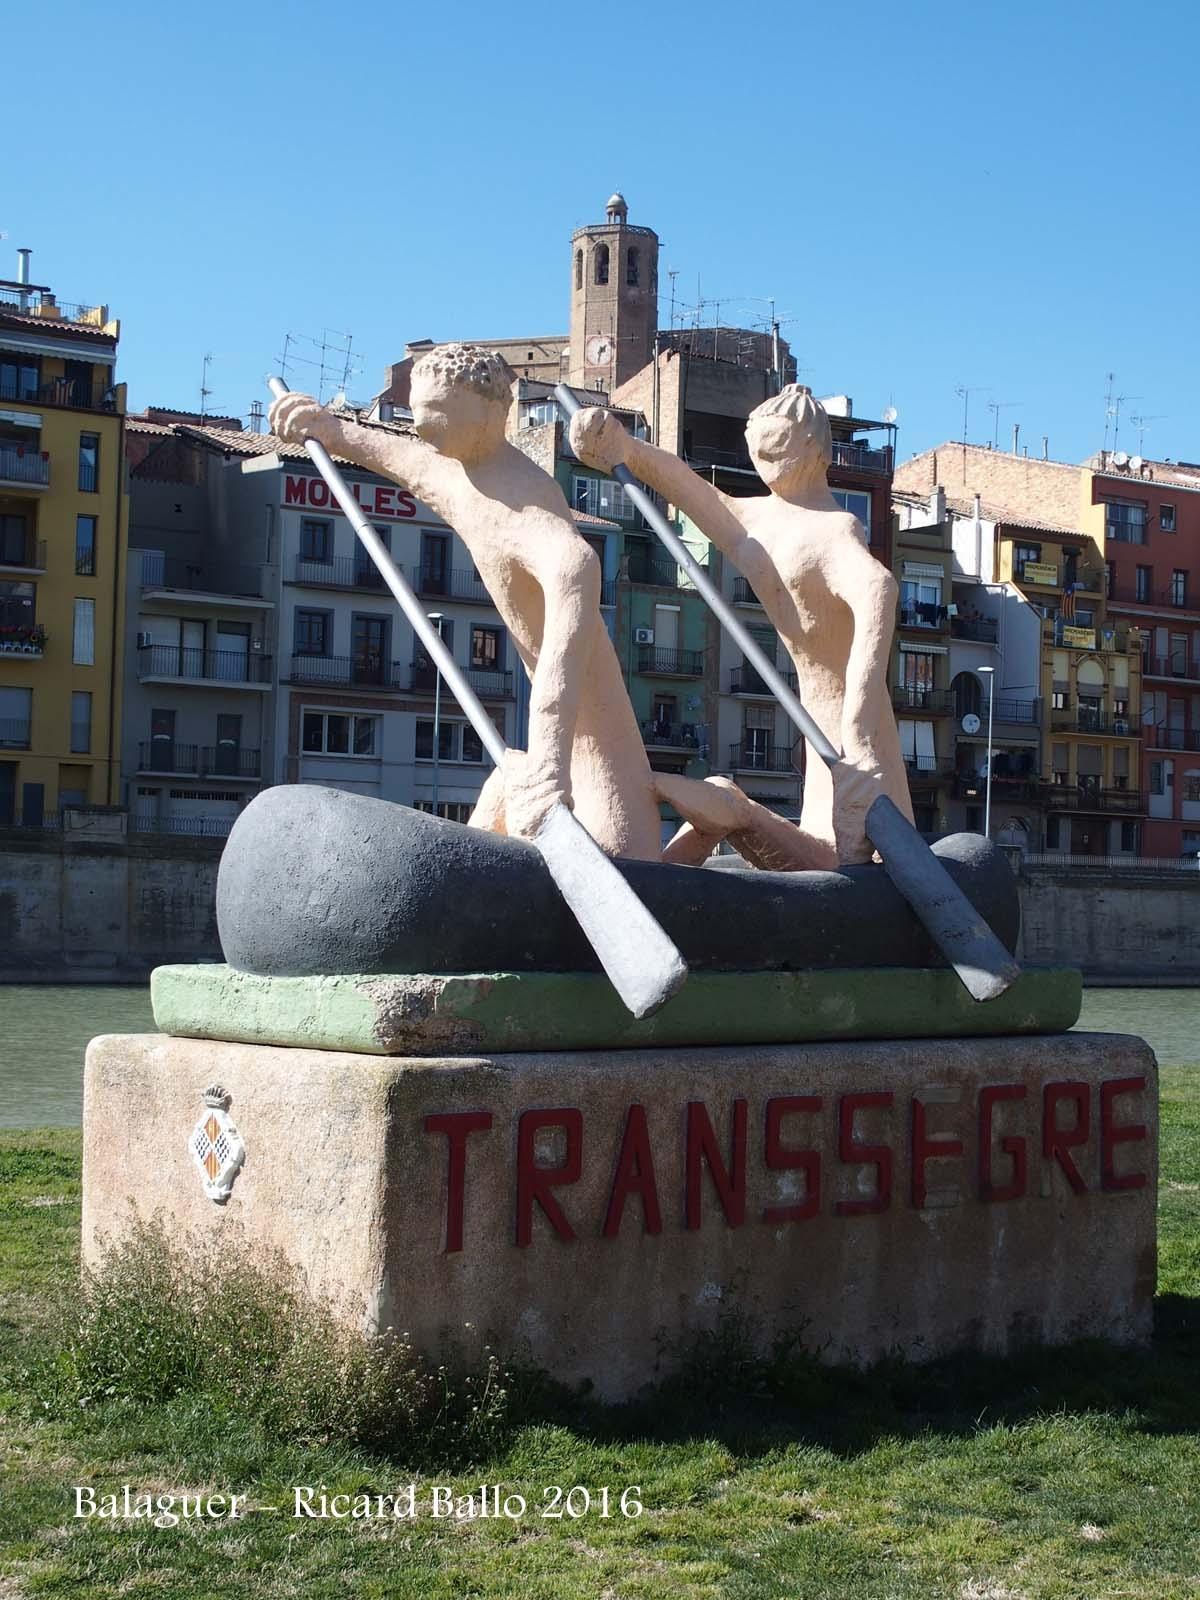 La Transsegre és la festa més important coneguda arreu de les Terres de Lleida i s'ha convertit gairebé en una festa major d'estiu col·lectiva que es desenvolupa a la ciutat de Balaguer